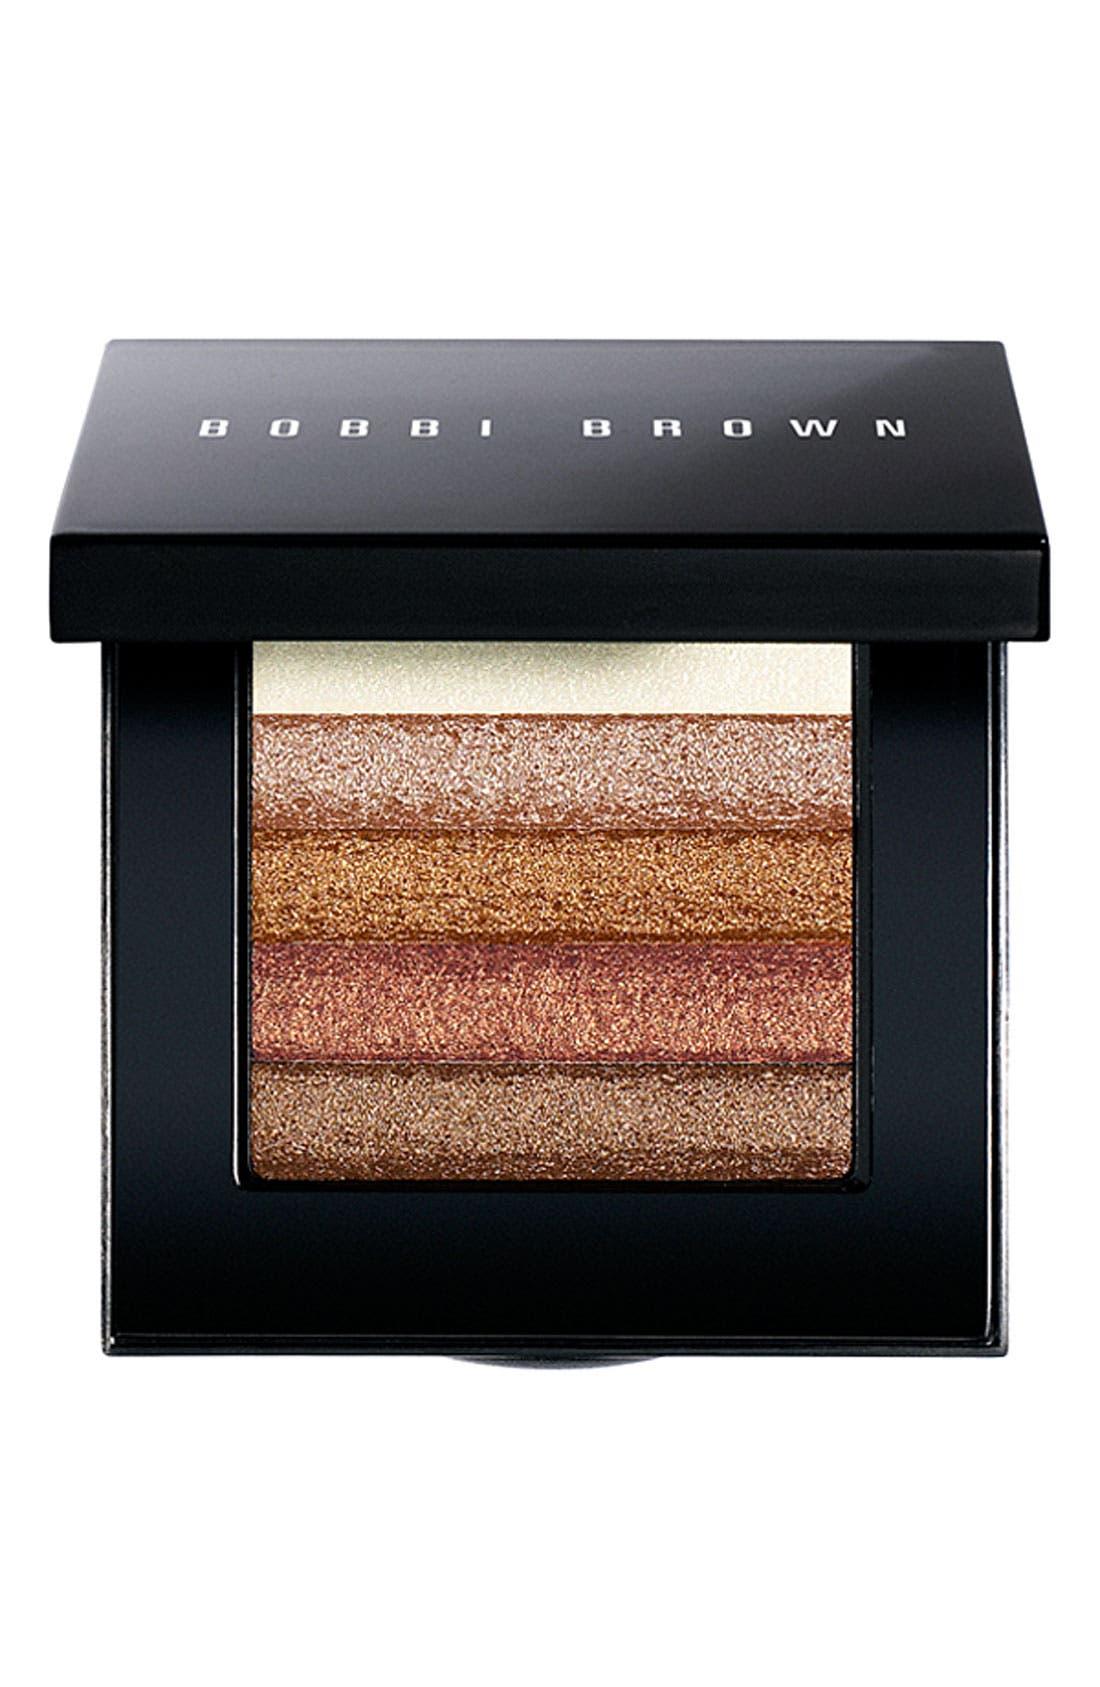 BOBBI BROWN, Bronze Shimmer Brick Compact, Main thumbnail 1, color, NO COLOR